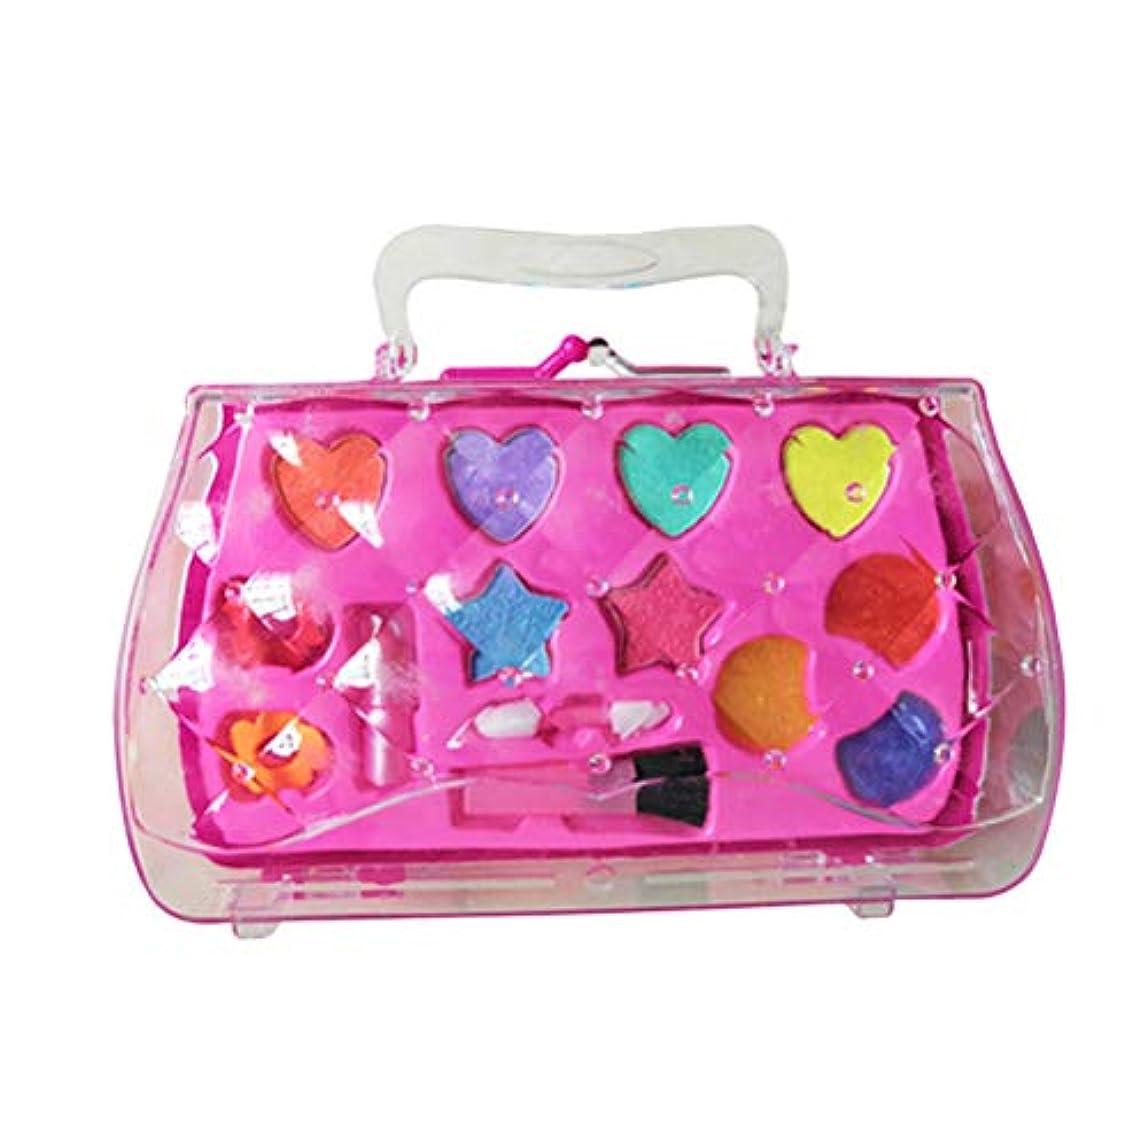 勇者コインランドリーレビュアーToyvian 女の子はおもちゃのセットを作る化粧品キットの口紅アイシャドーブラシ子供のためのおもちゃを作る女の子(ピンク)